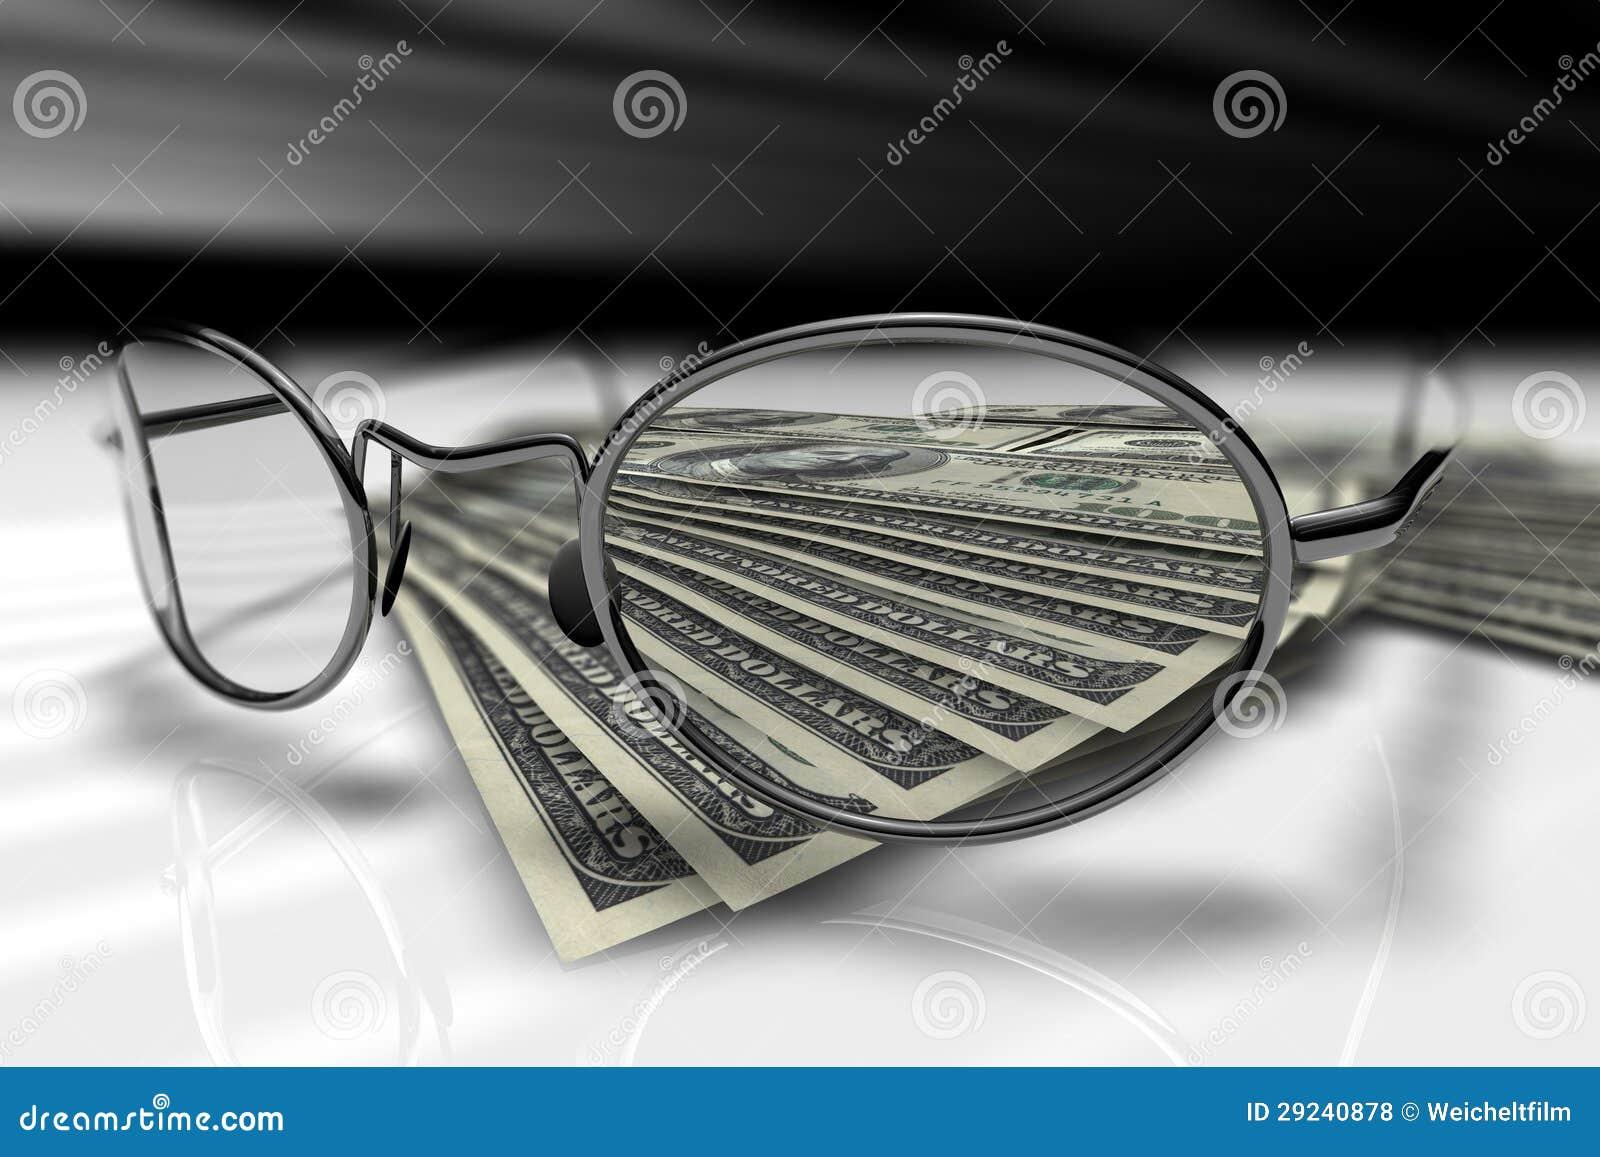 Download Notas de dólar foto de stock. Imagem de economias, produto - 29240878